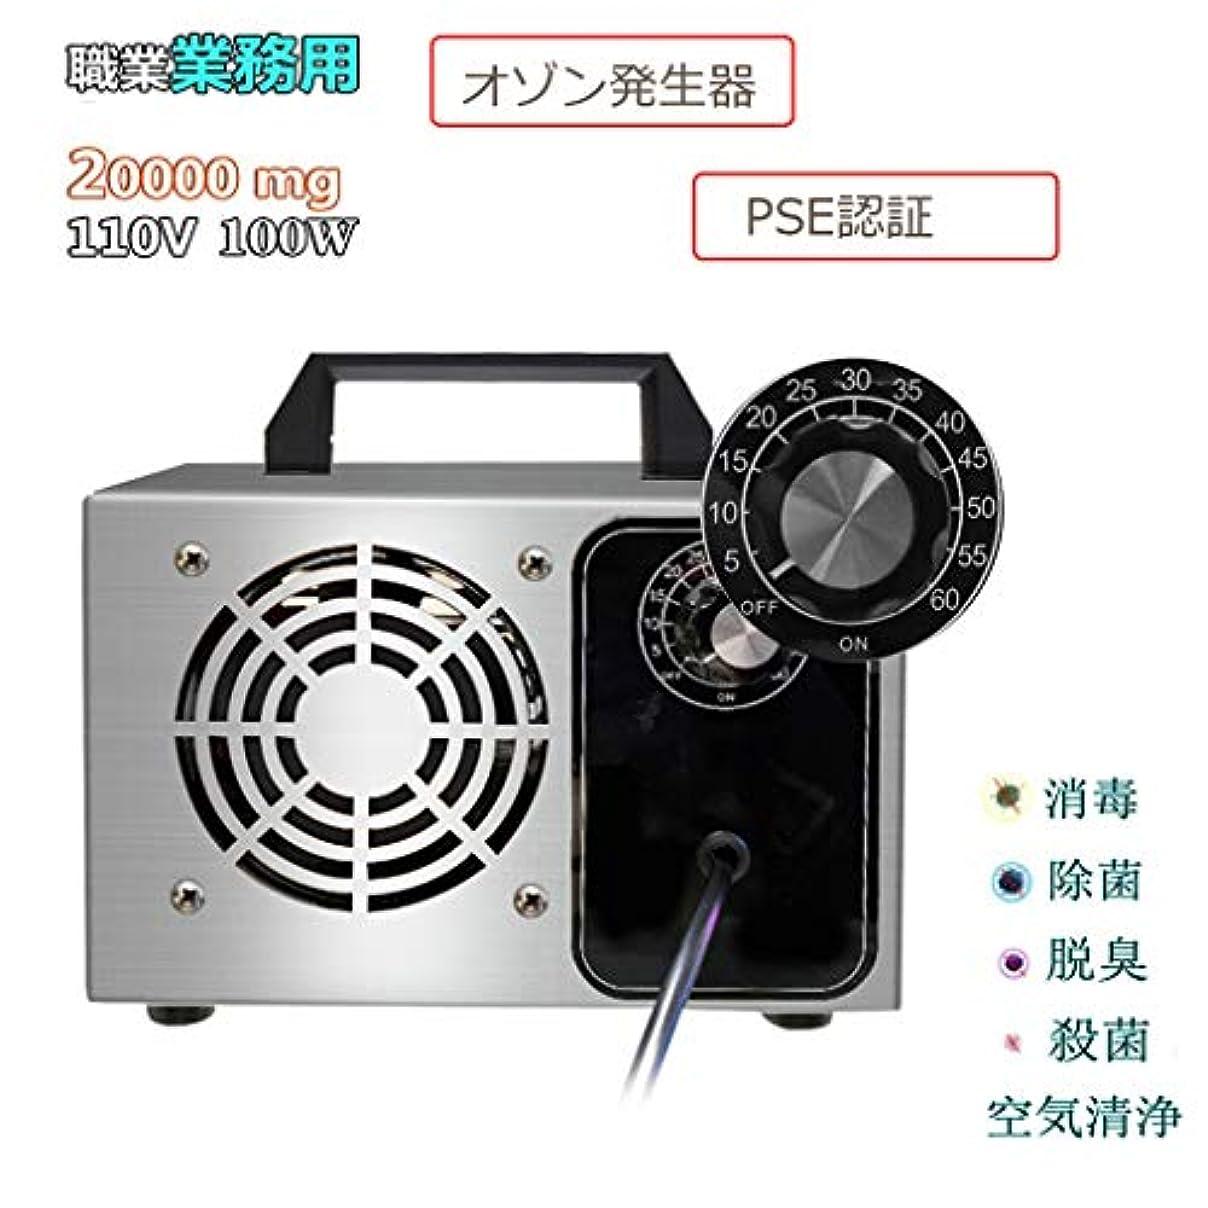 合図地区地質学オゾン発生器、オゾン生成:20000mg / H、日本で110Vの電圧に適しています,家庭用 脱臭器、超静音、工業·車·部屋·ホテル·農場用の滅菌装置、 110V【日本仕様 】PSE認証済